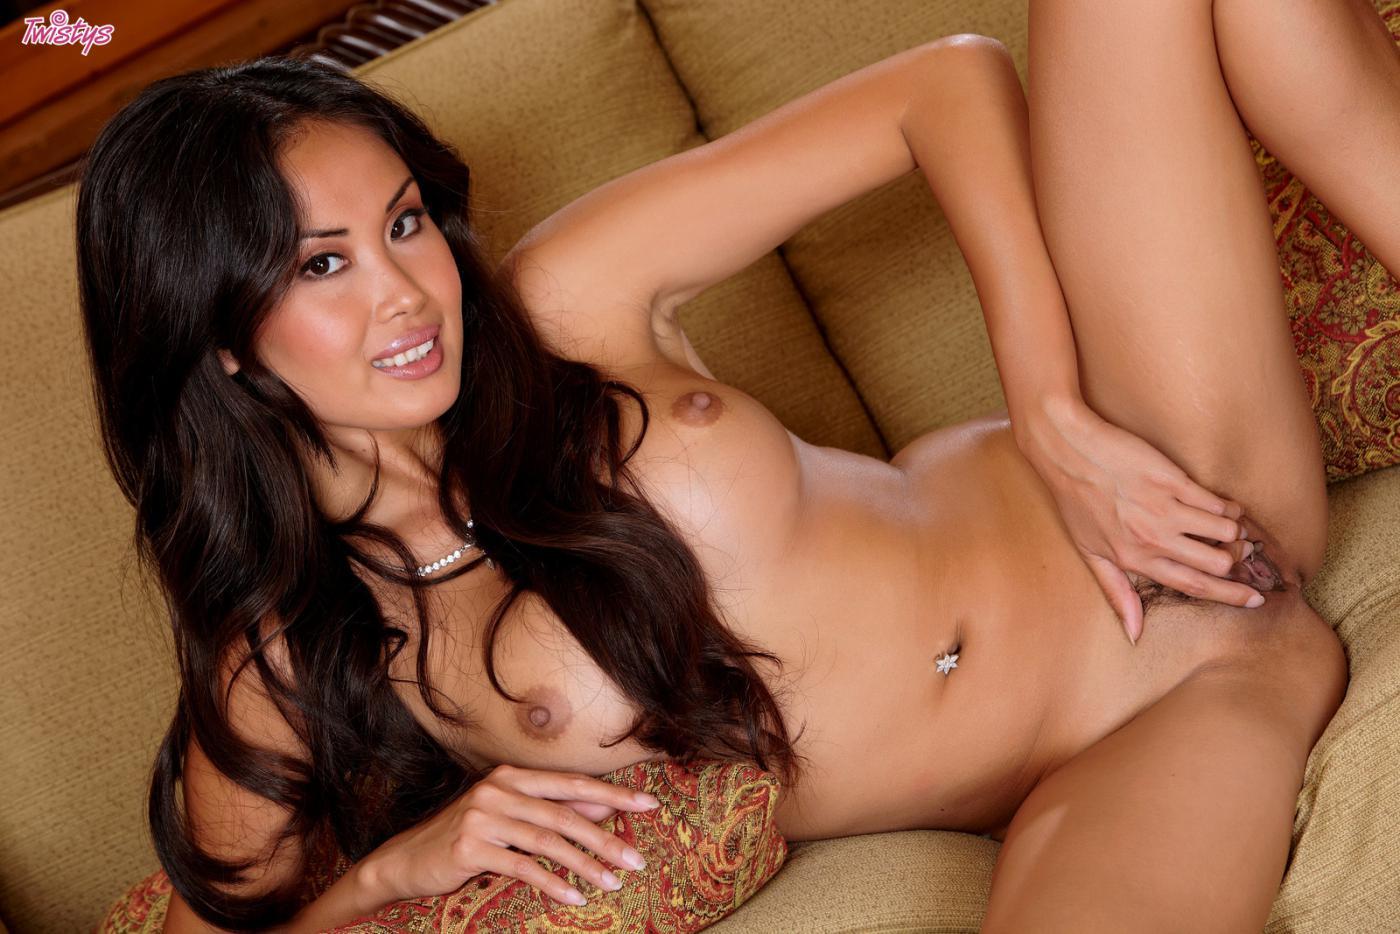 Азиатская красотка Davon Kim с привлекательными черными волосами снимает лифчик и теребонькает прибором свою экзотическую письку